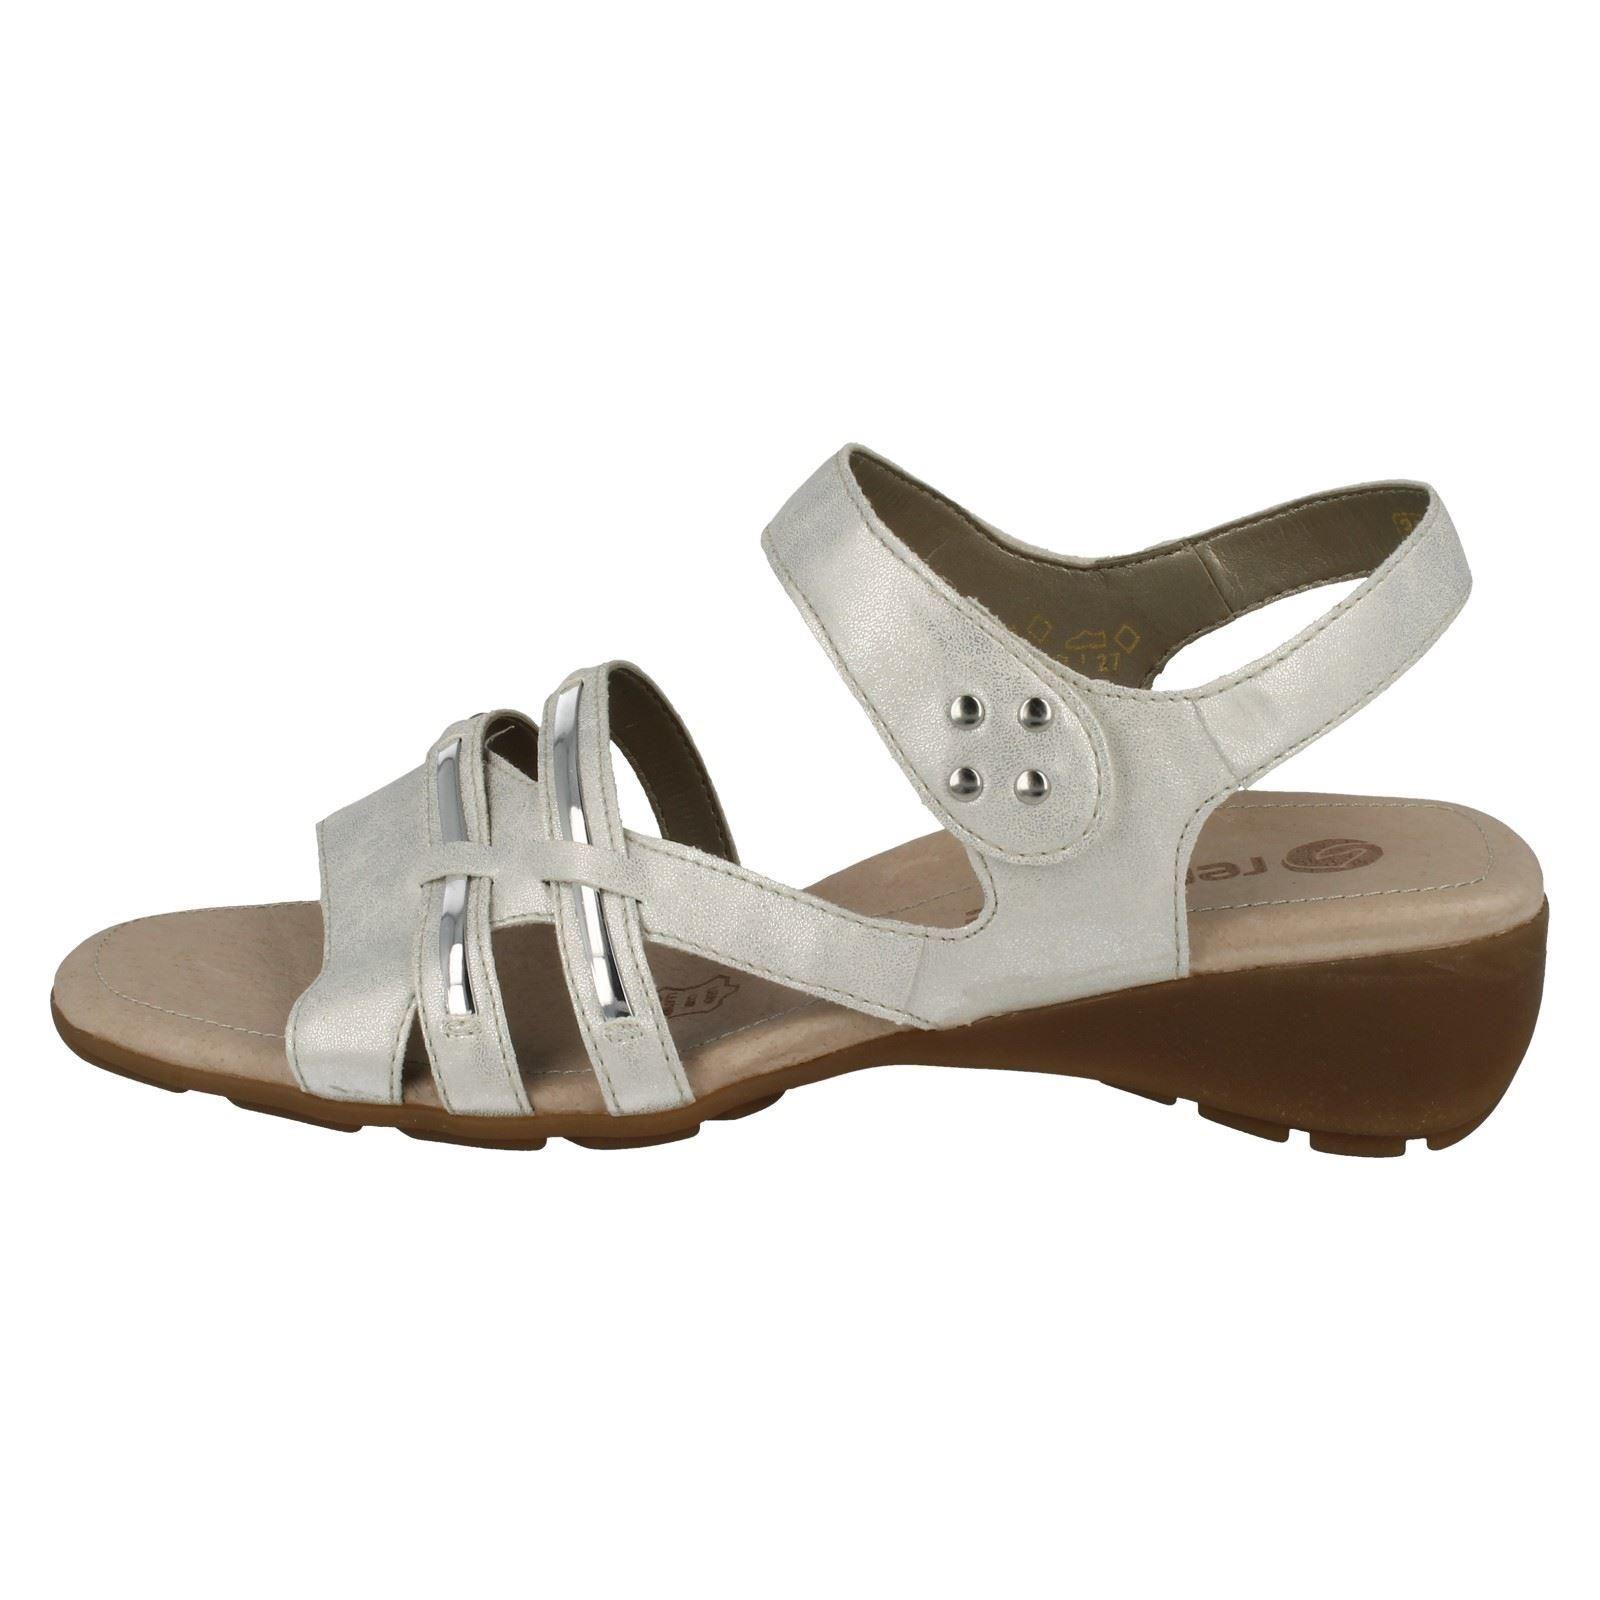 Último gran descuento Ladies Remonte Fashion Sandals 'R5245'